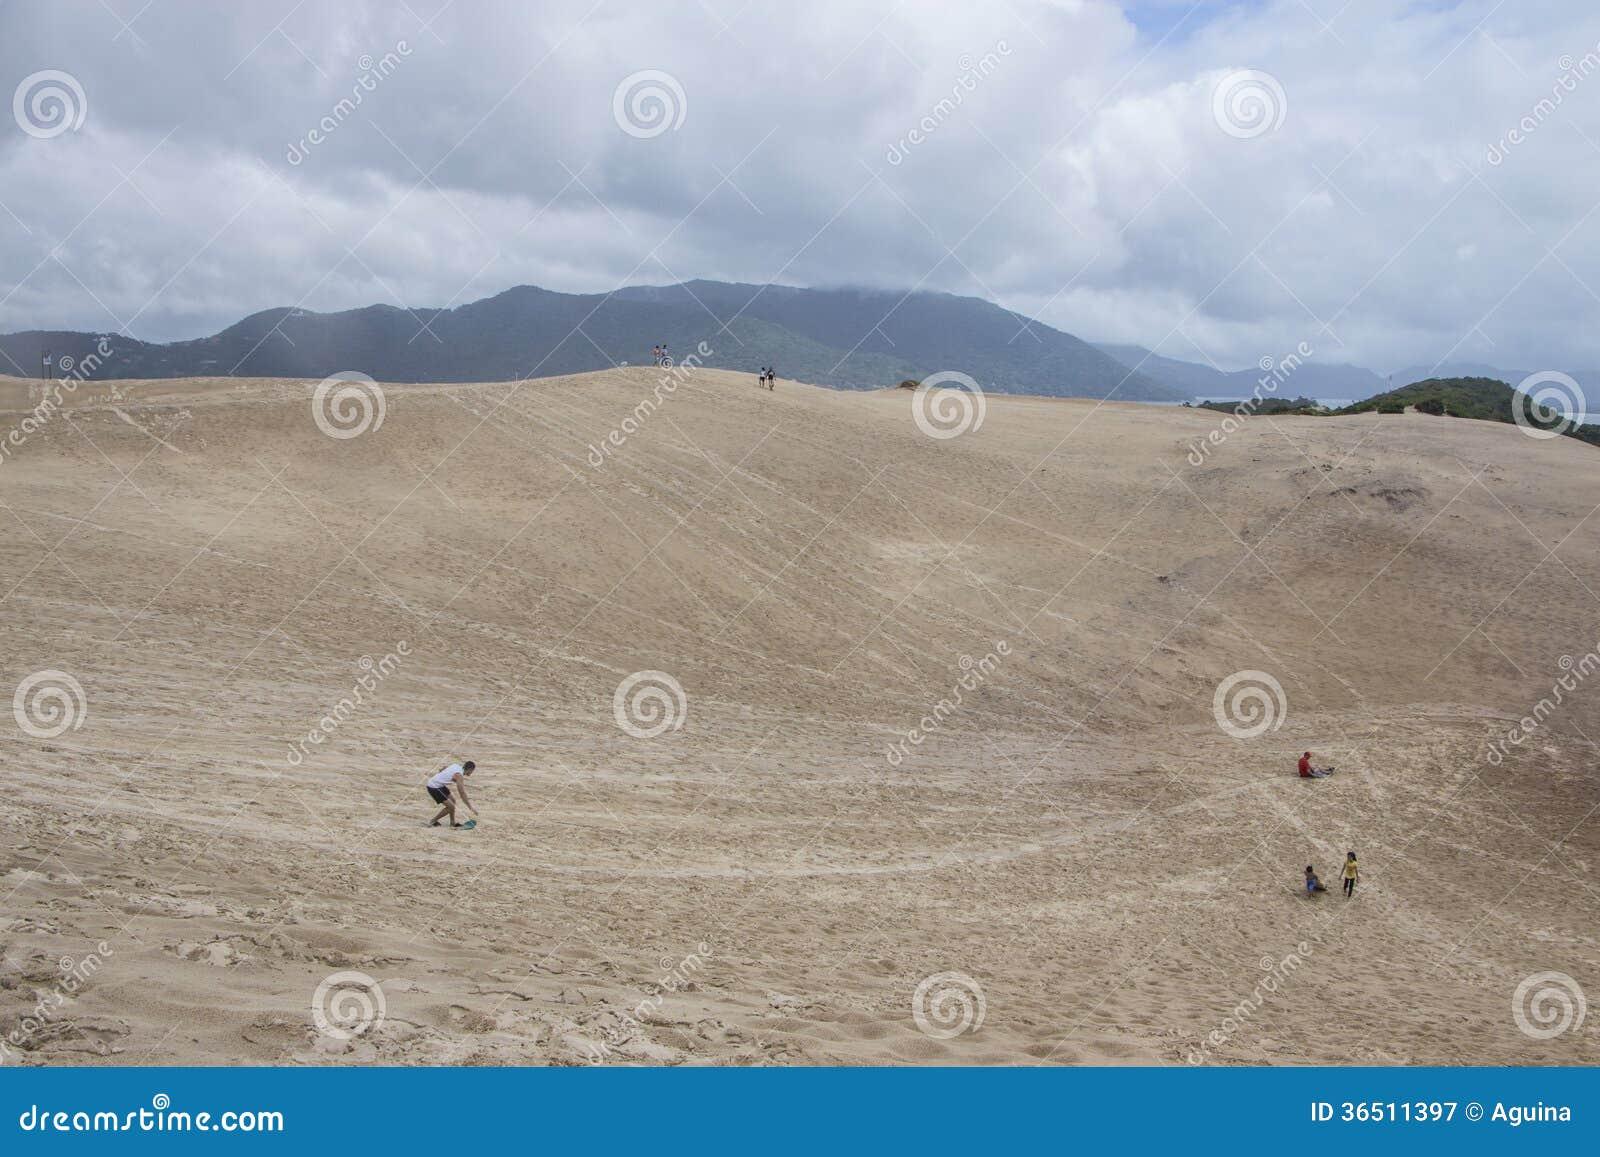 Dunes de Joaquina - Florianópolis/SC - le Brésil